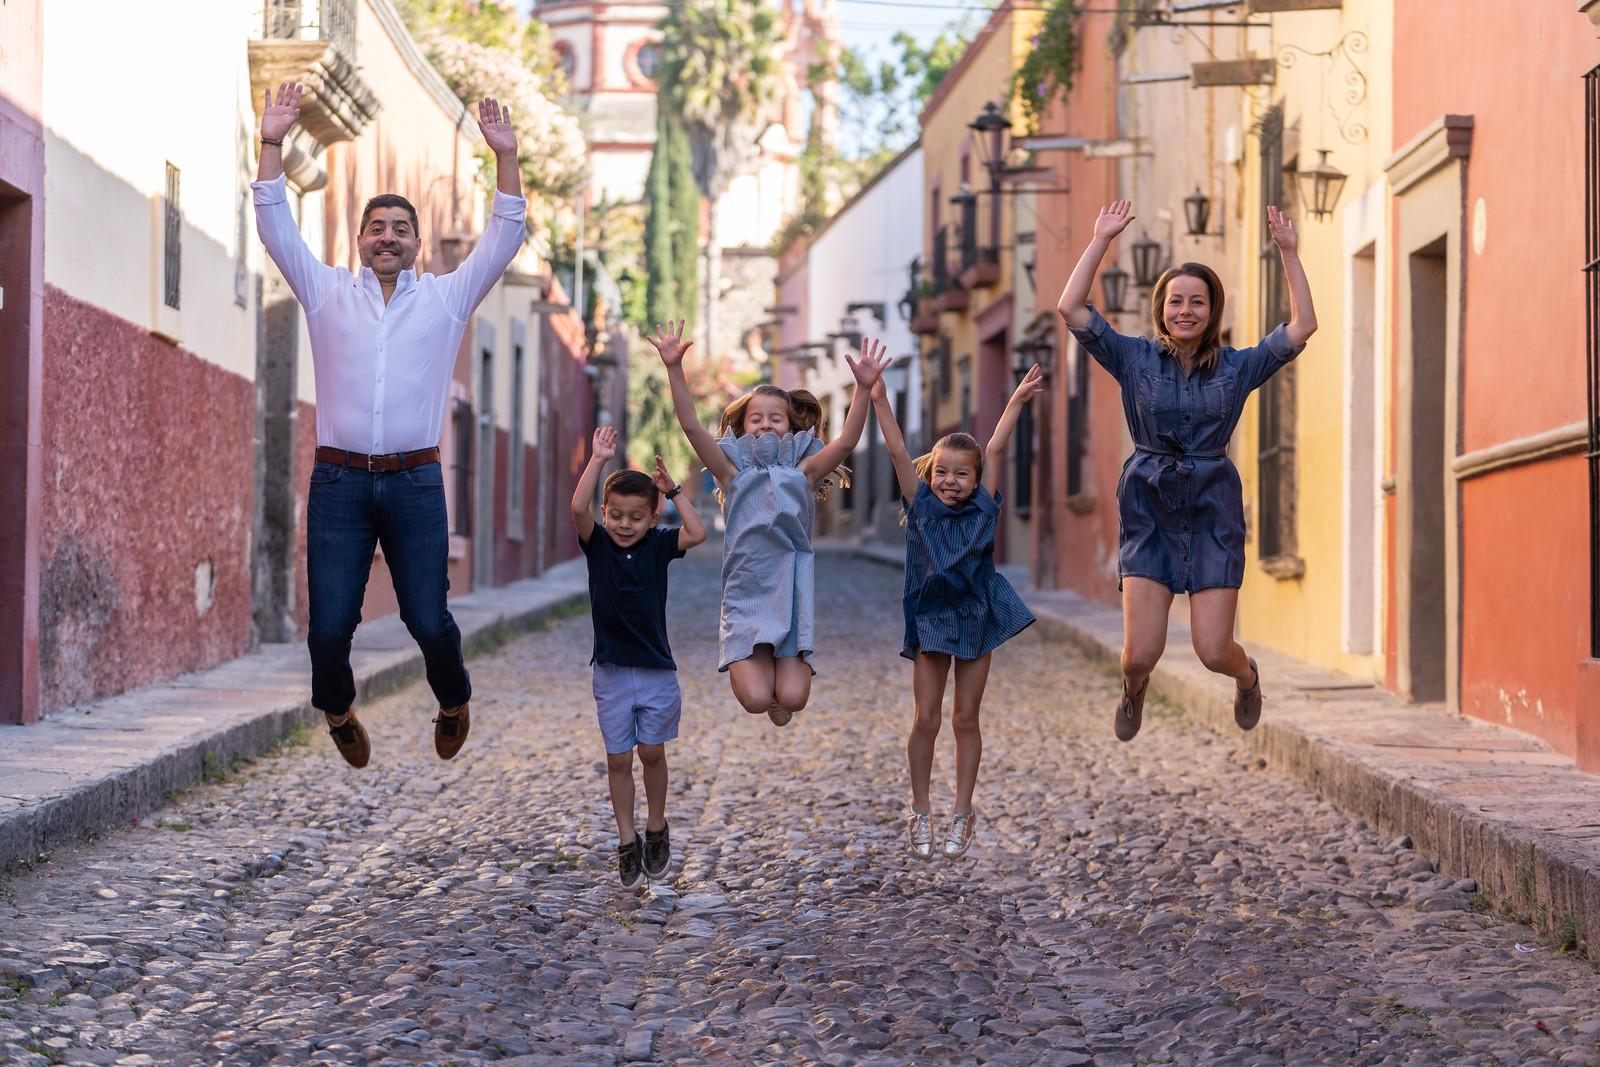 Sesion de Fotos Familiar en San Miguel de Allende con Jimena y su Familia-17.jpg